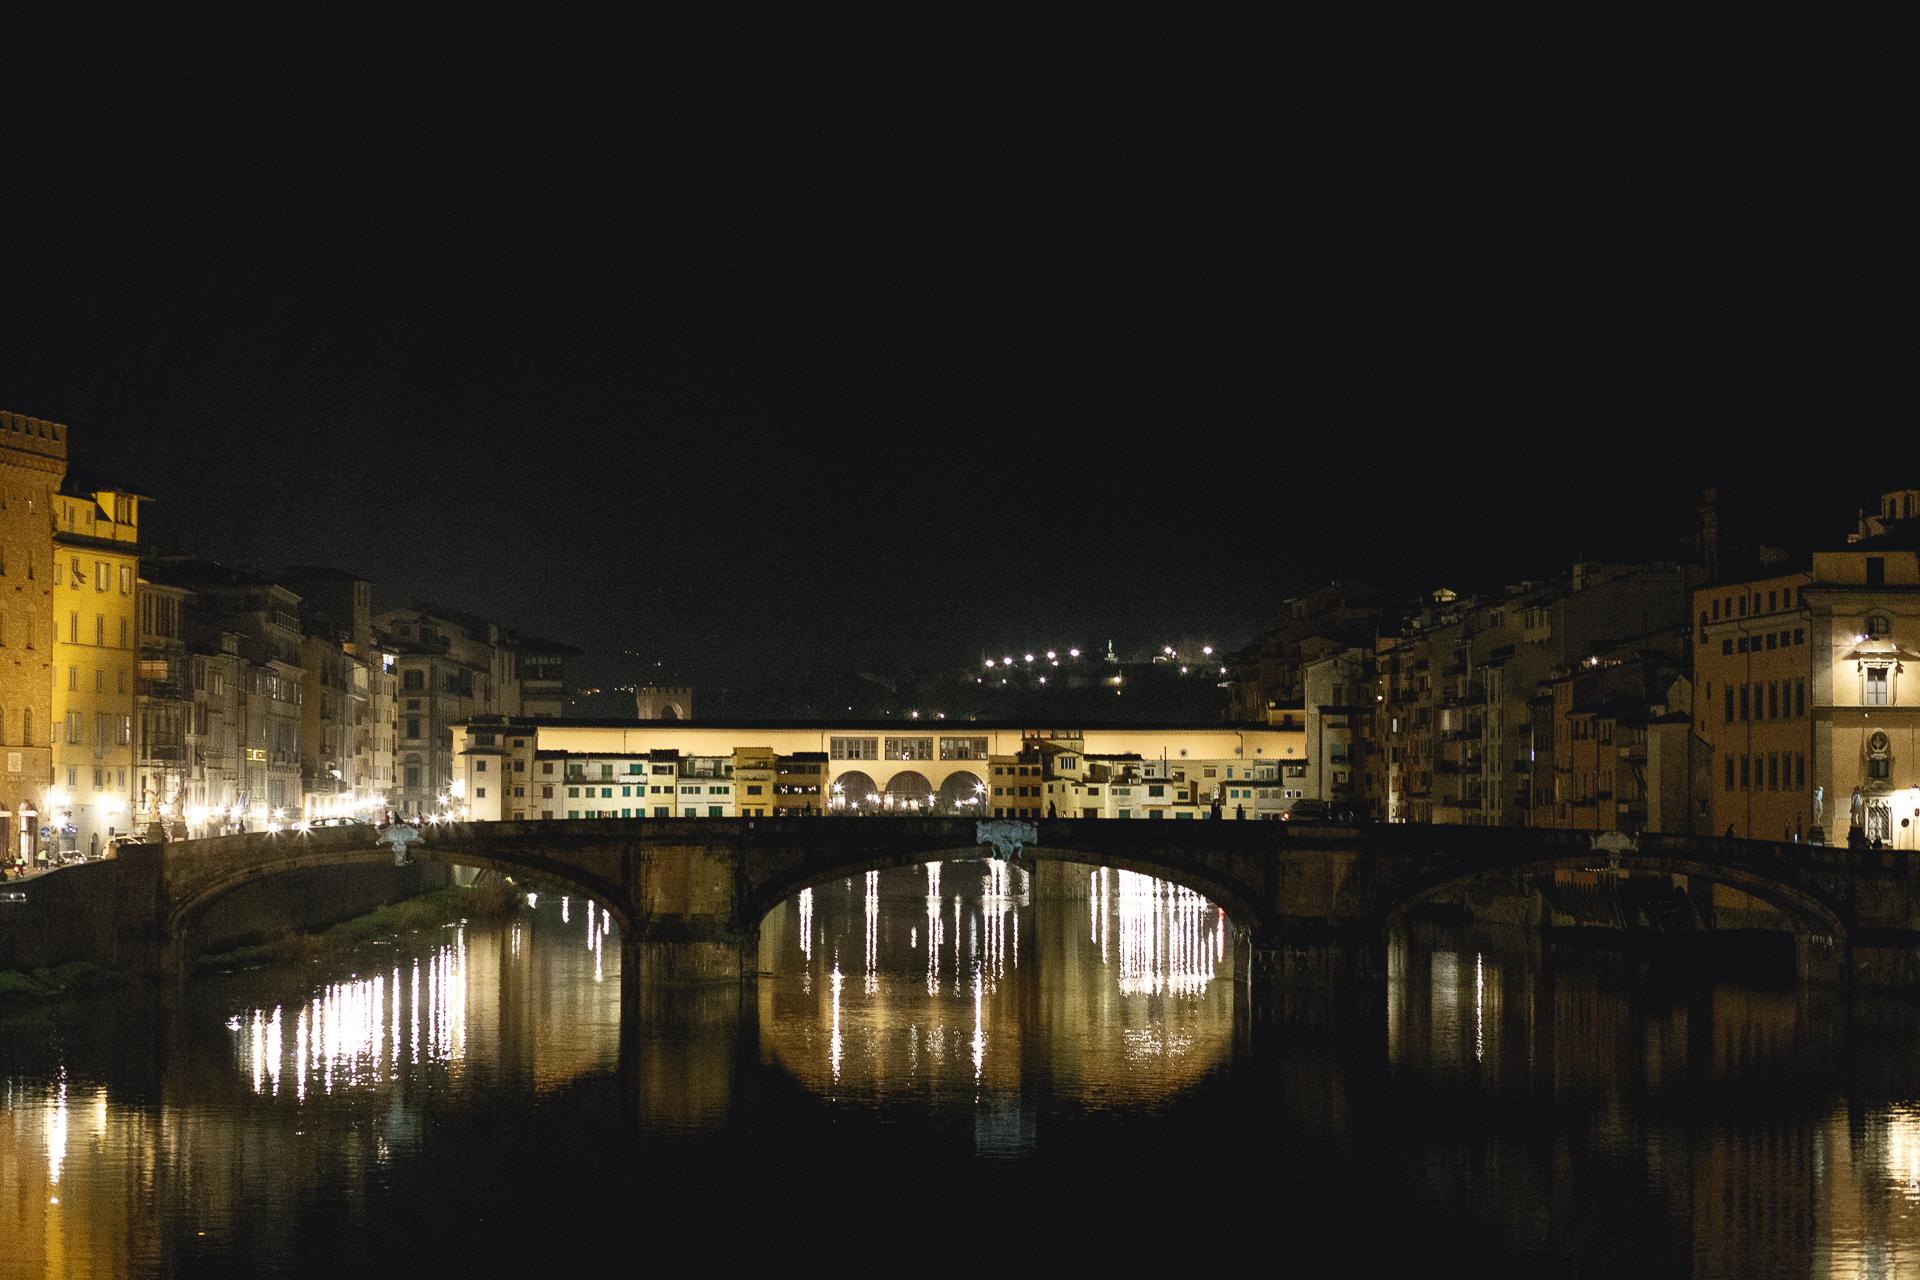 Pitti Uomo 93 - Ponte Vechio